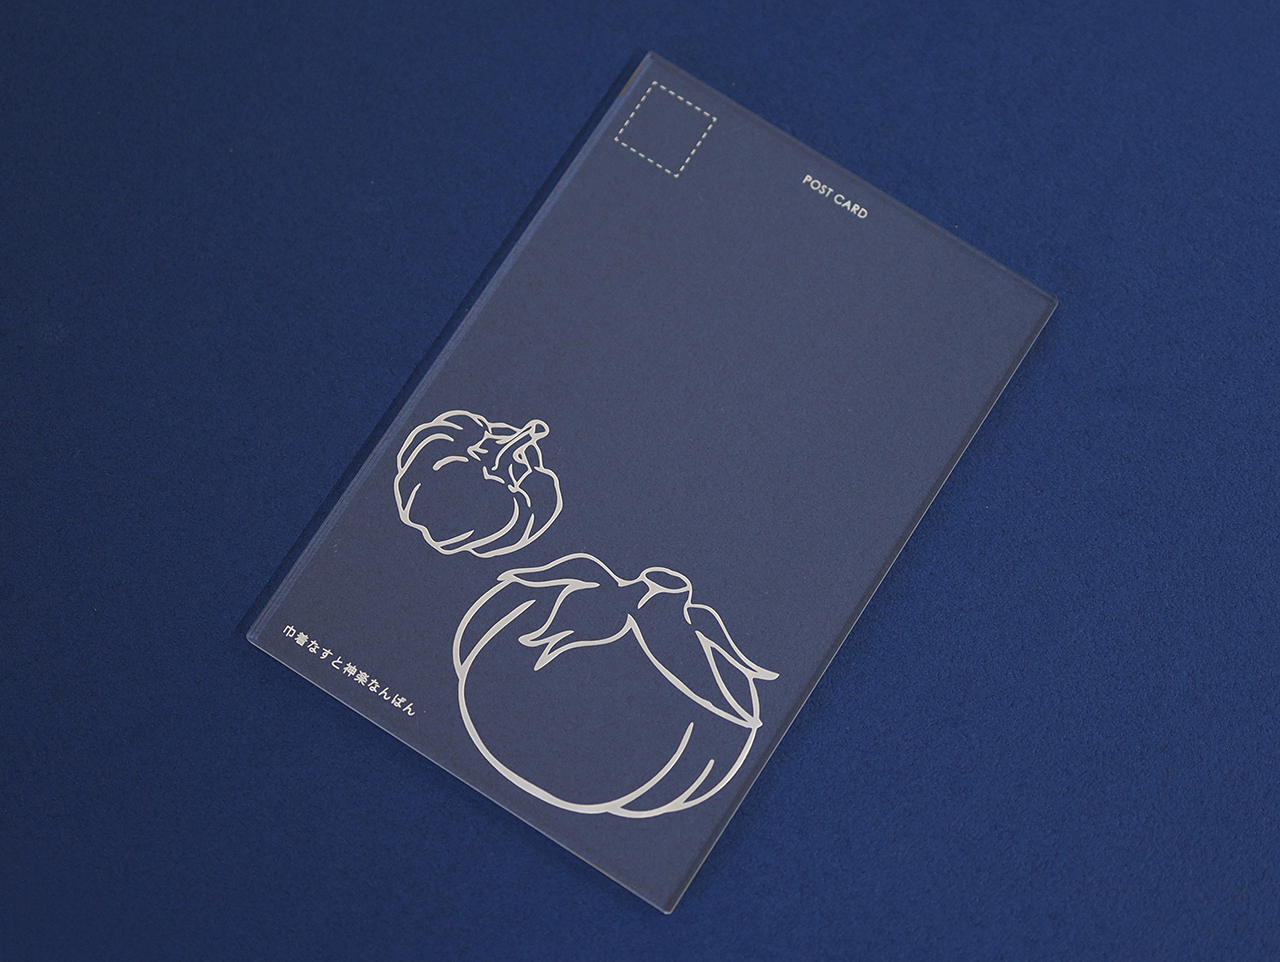 アクリルのポストカード -nagaoka- 長岡野菜